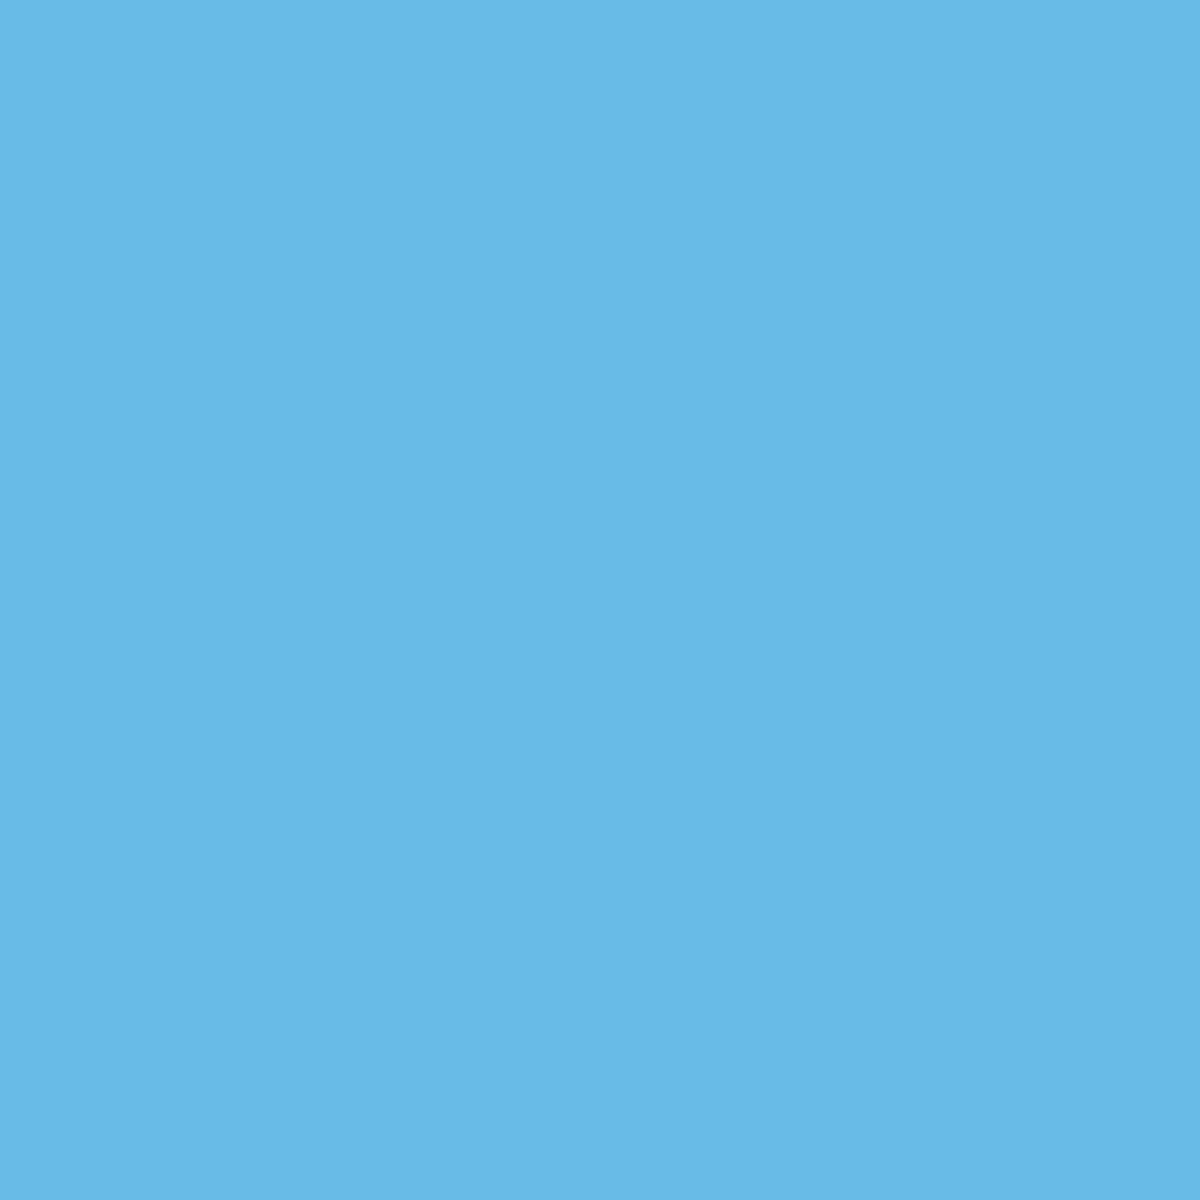 Sleeve für Silikonschläuche - Blau